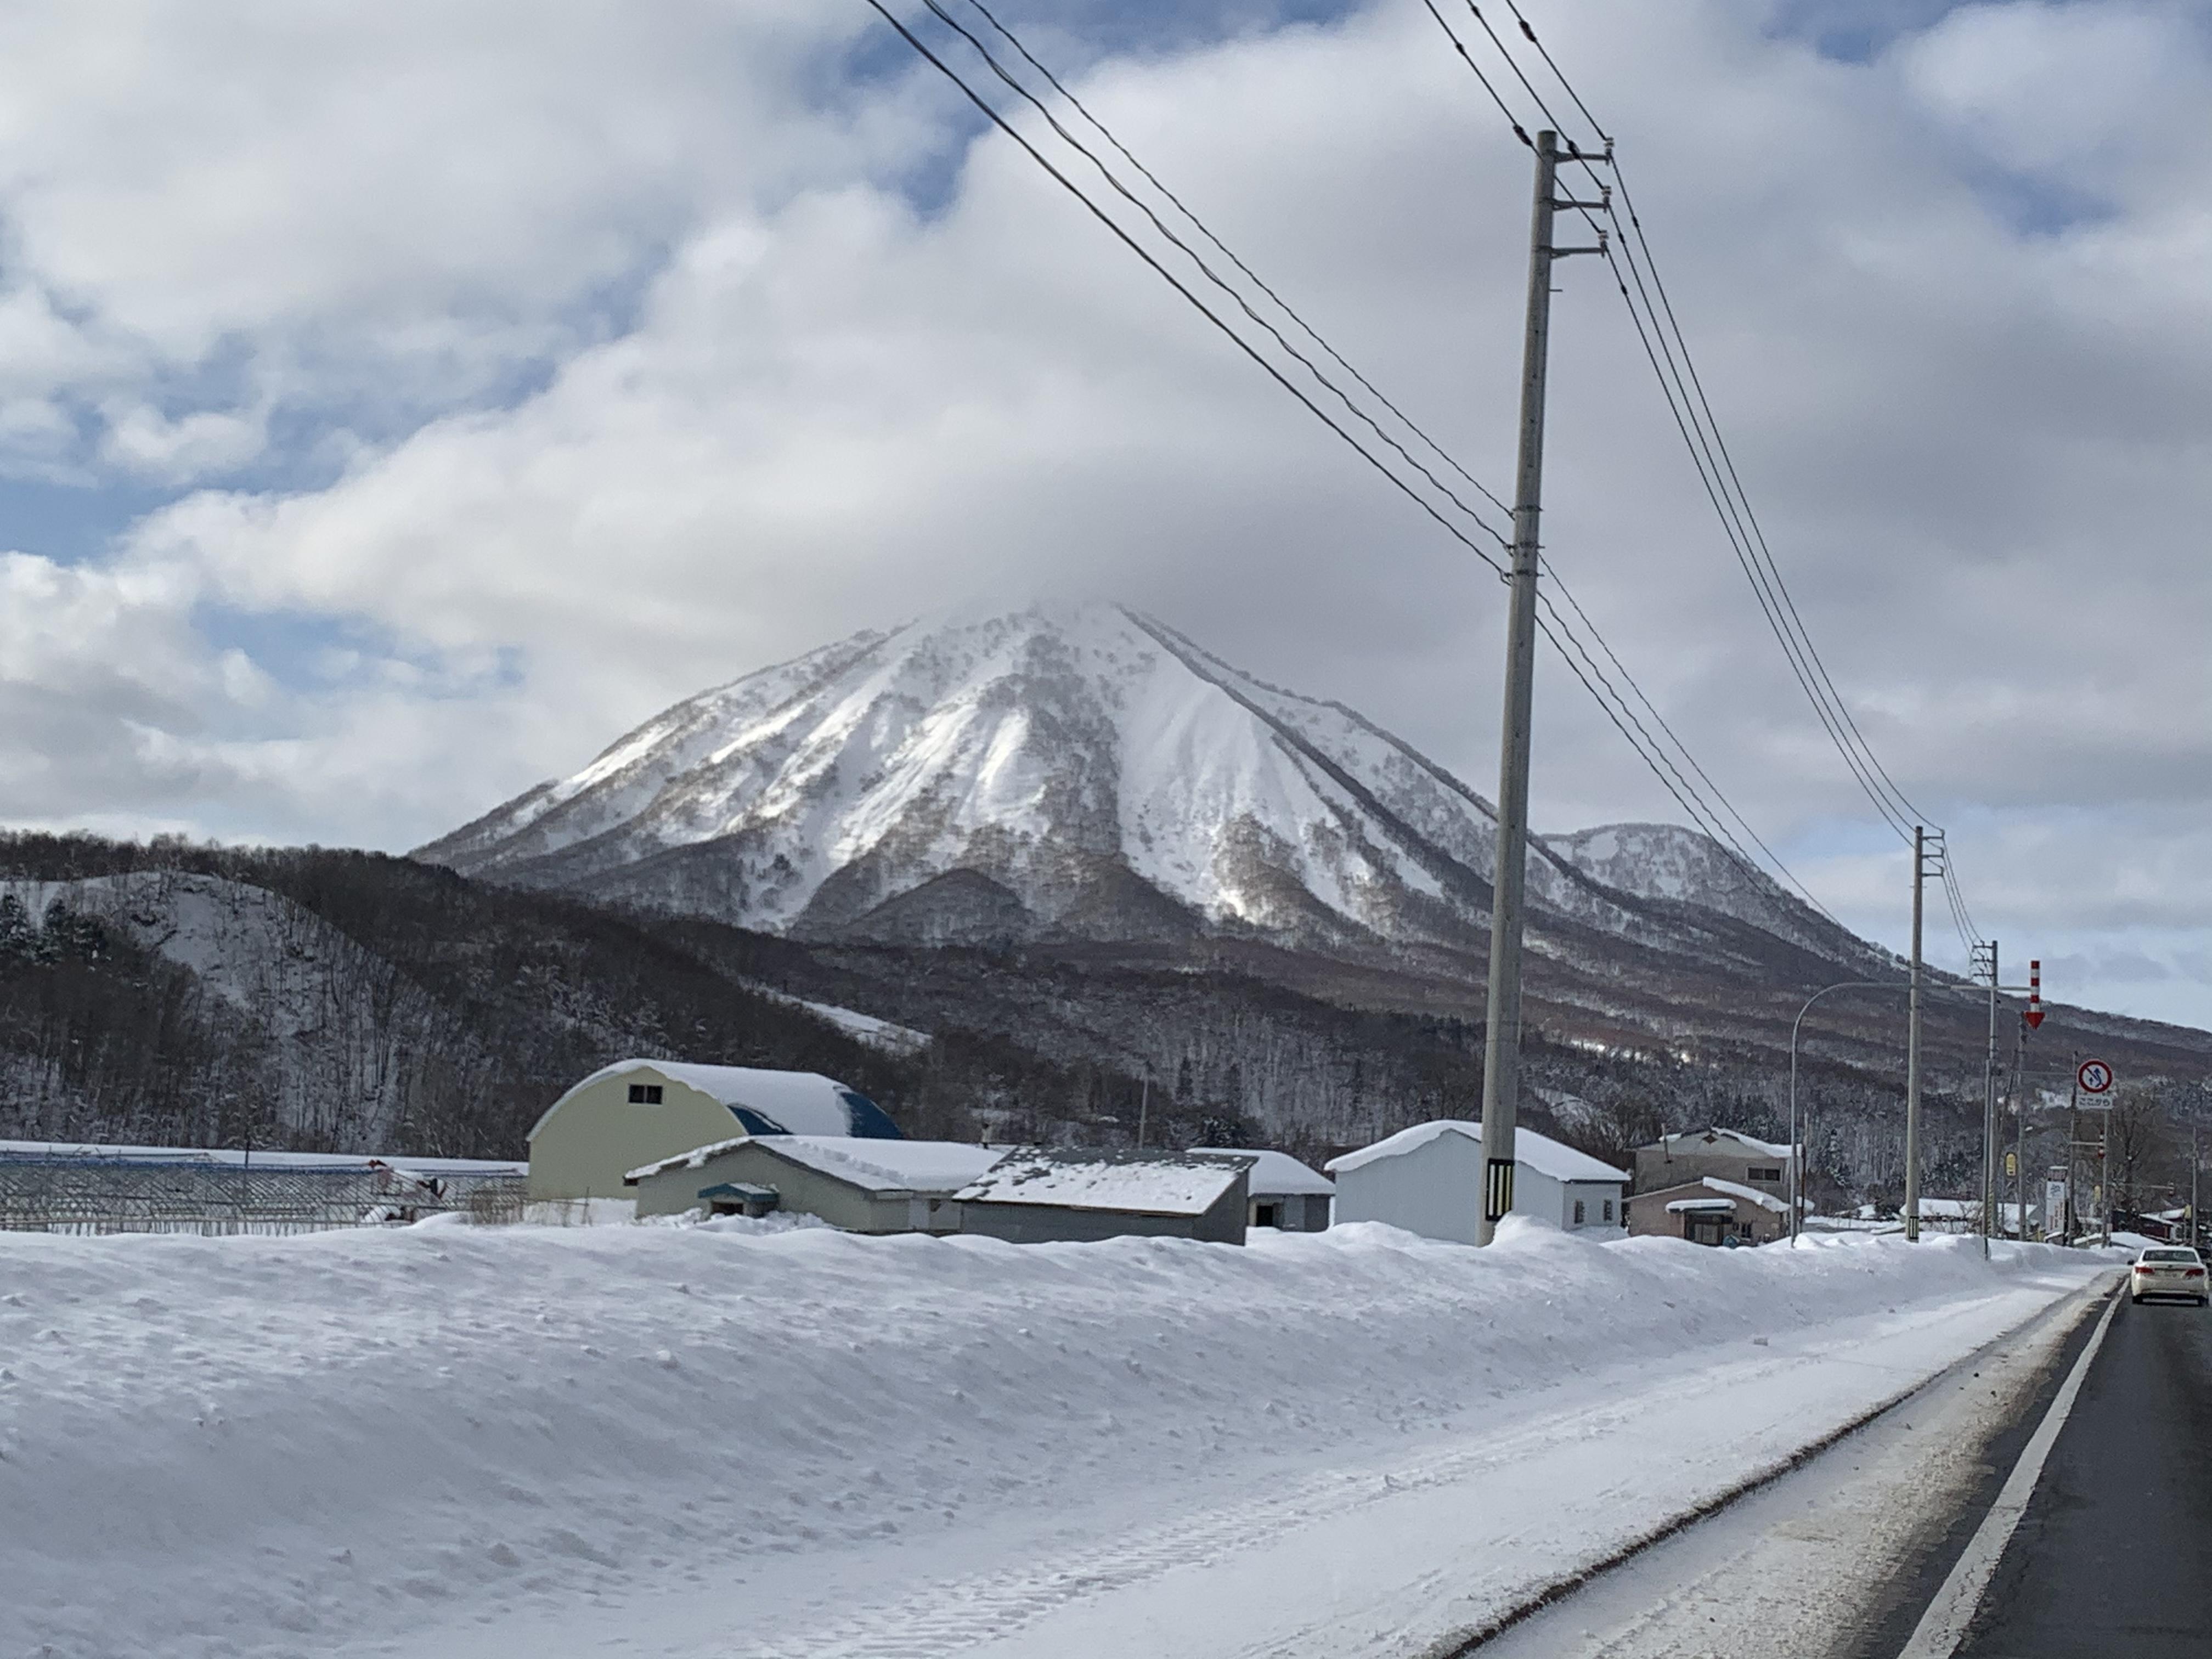 自己開車就是看不同的風景,雪道上要注意車速 希望大家都安全順利